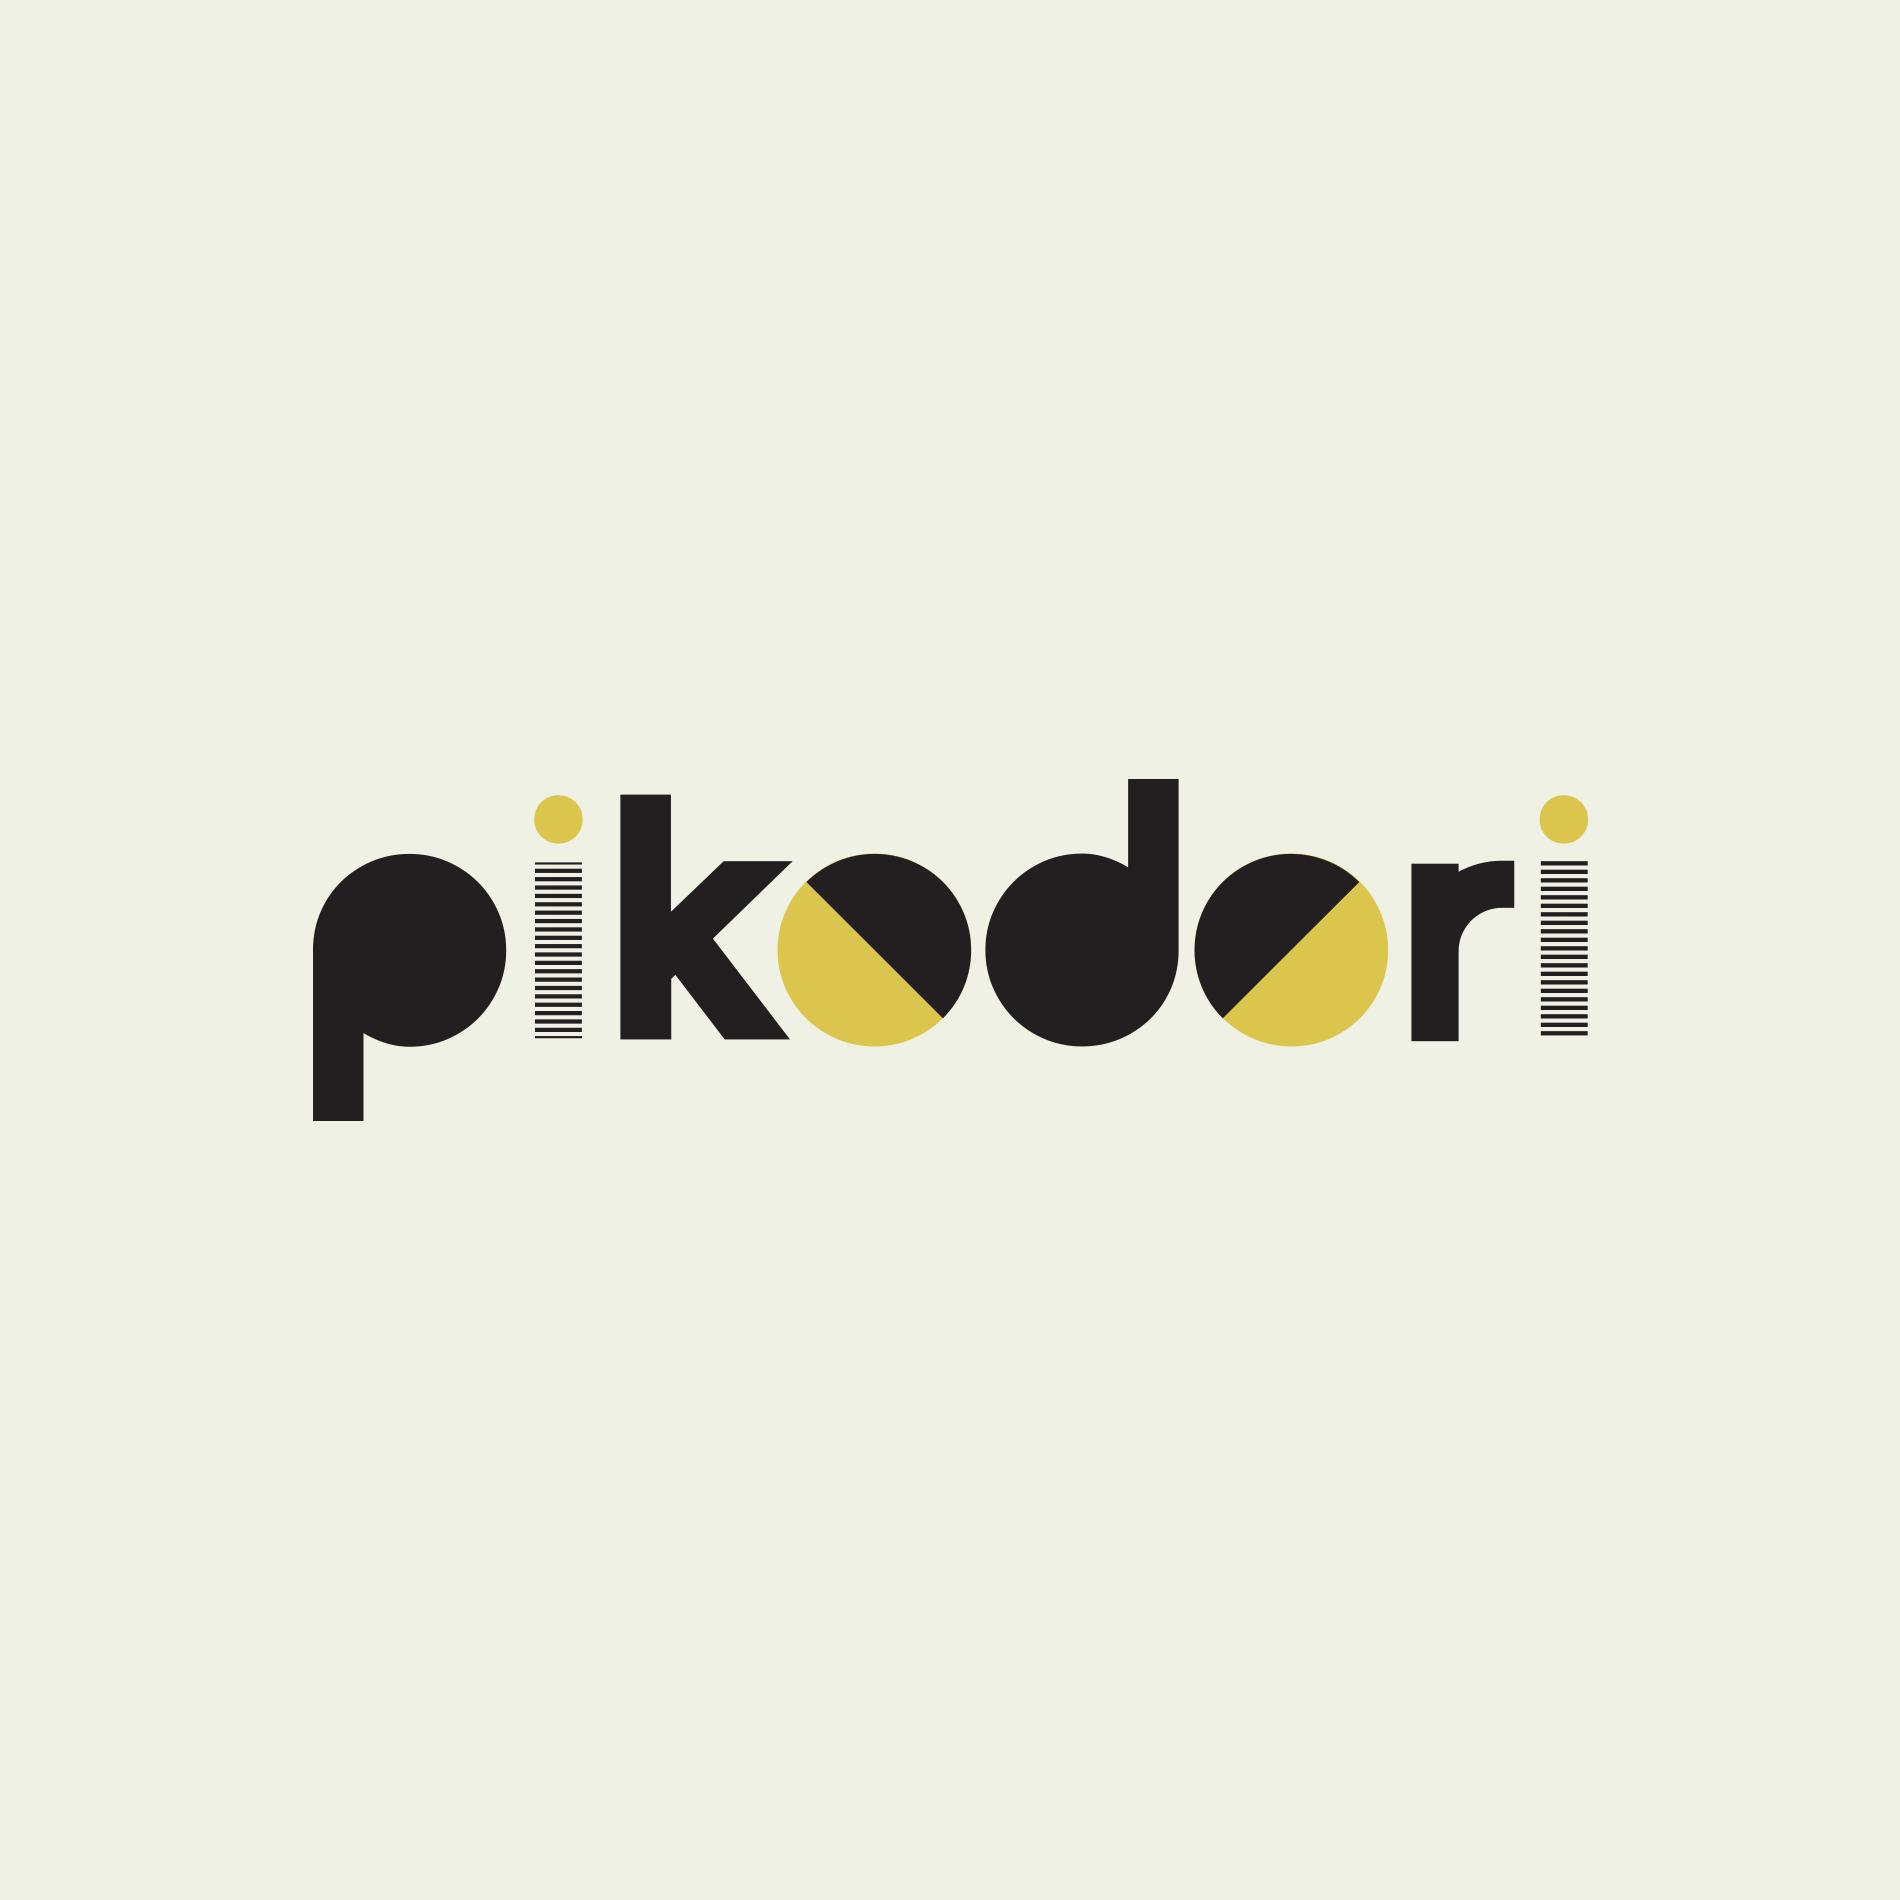 pikodori_logo